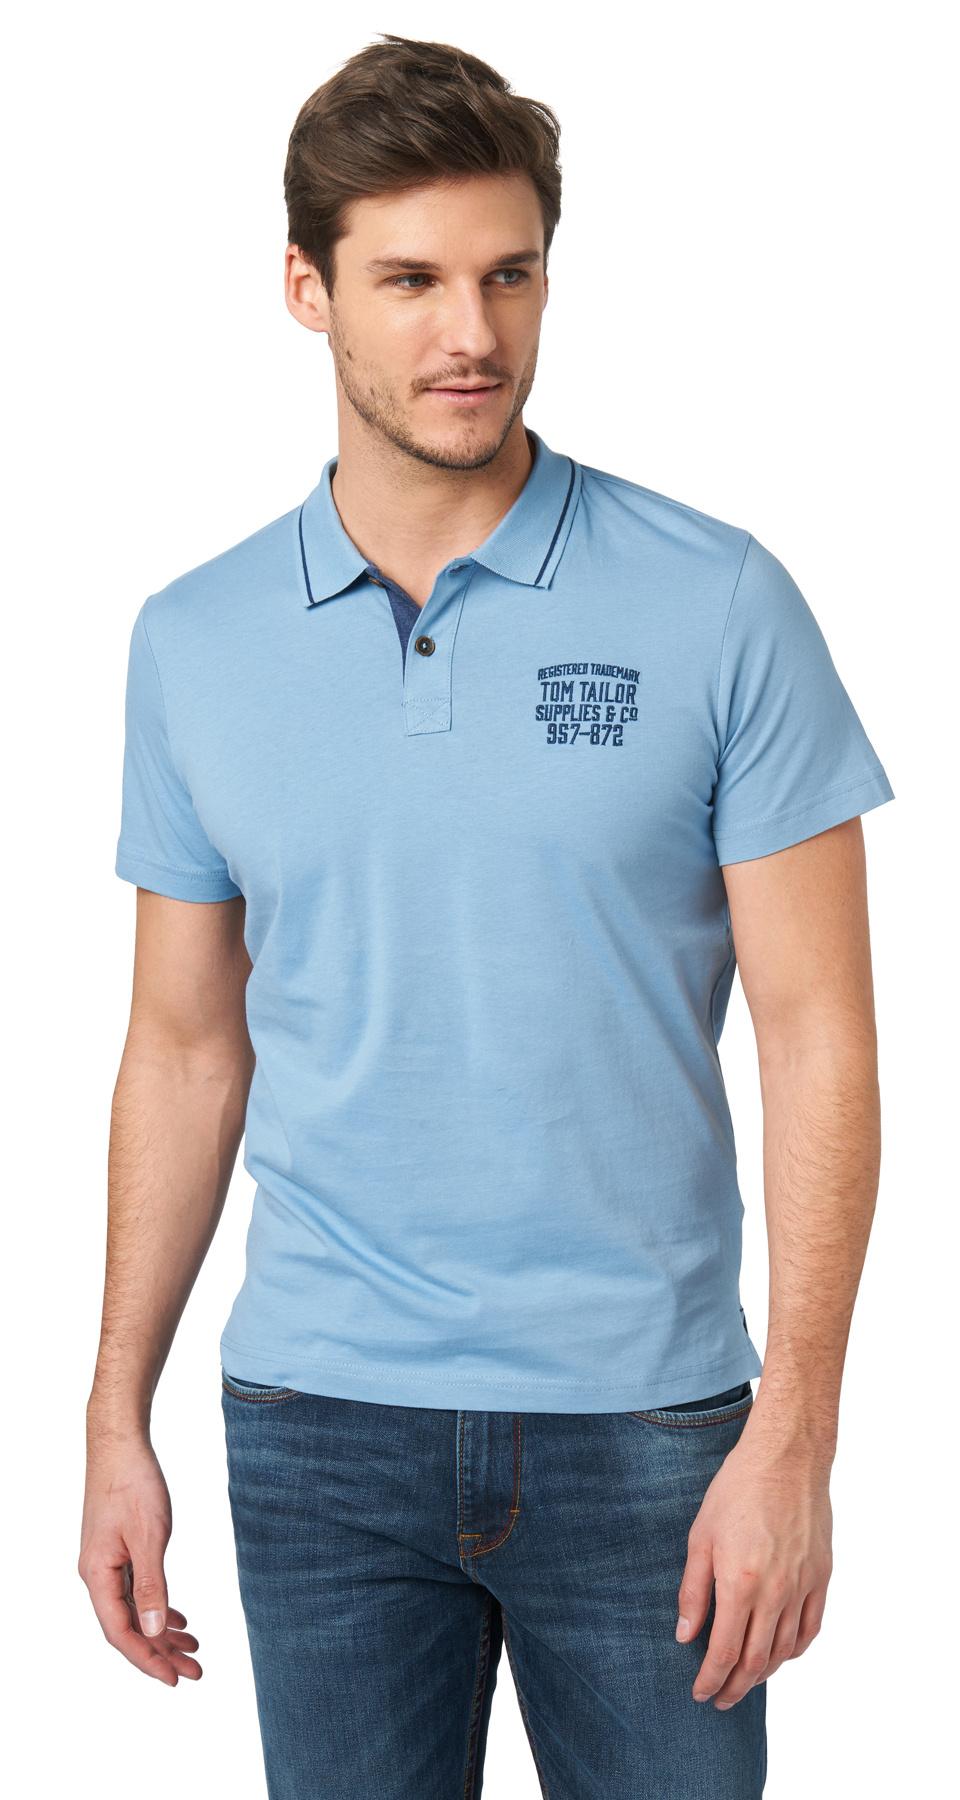 Tom Tailor pánské polo triko 15310370010/6876 Modrá XL